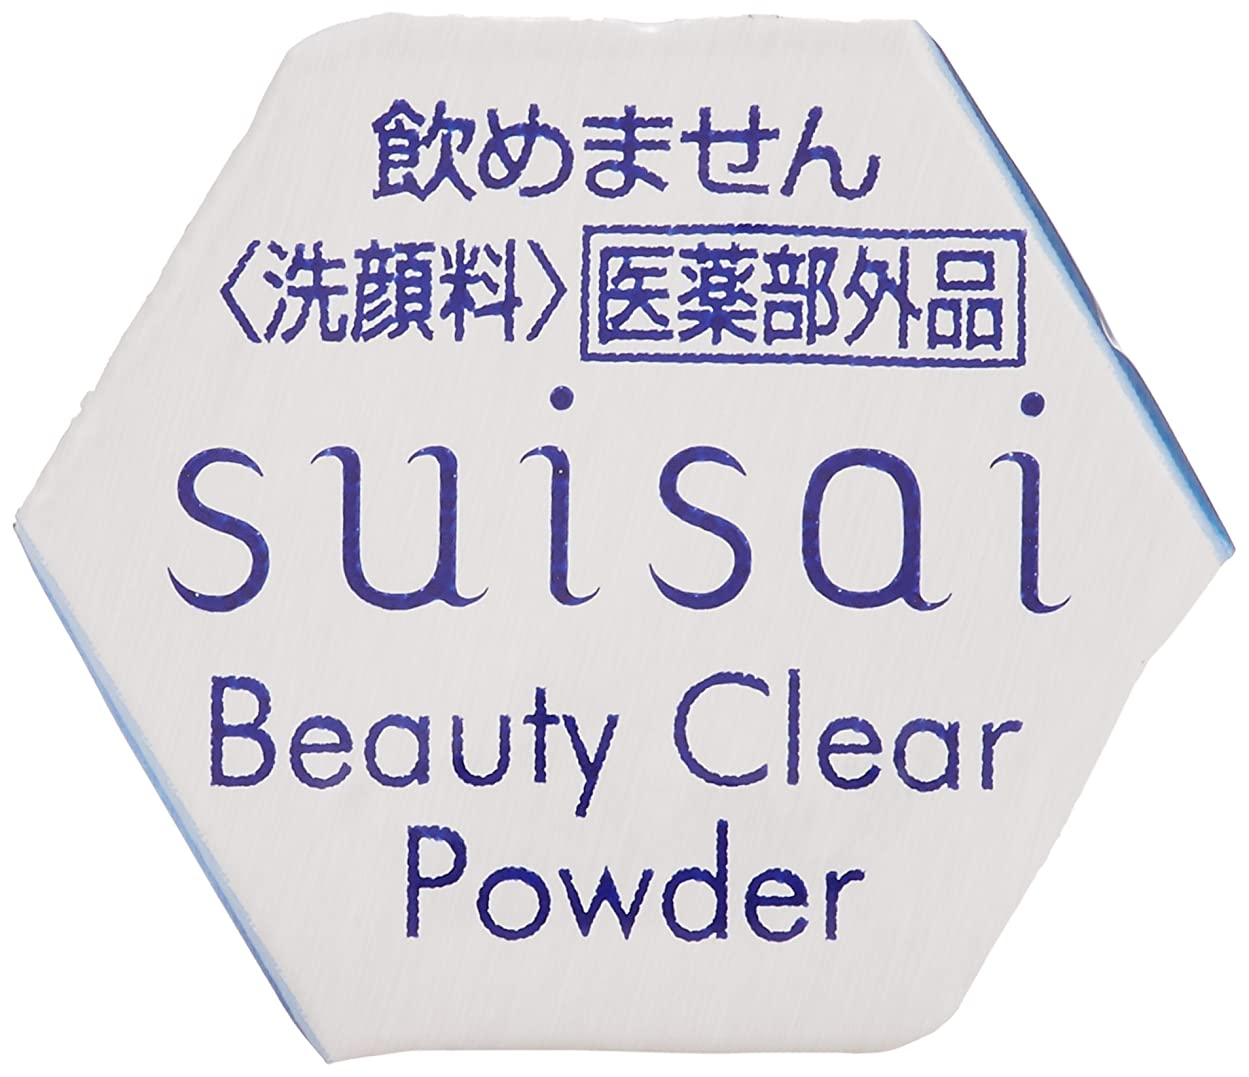 屋内で個人的に慣れるsuisai ビューティ クリアパウダーa 0.4gx32個 洗顔料 アウトレット